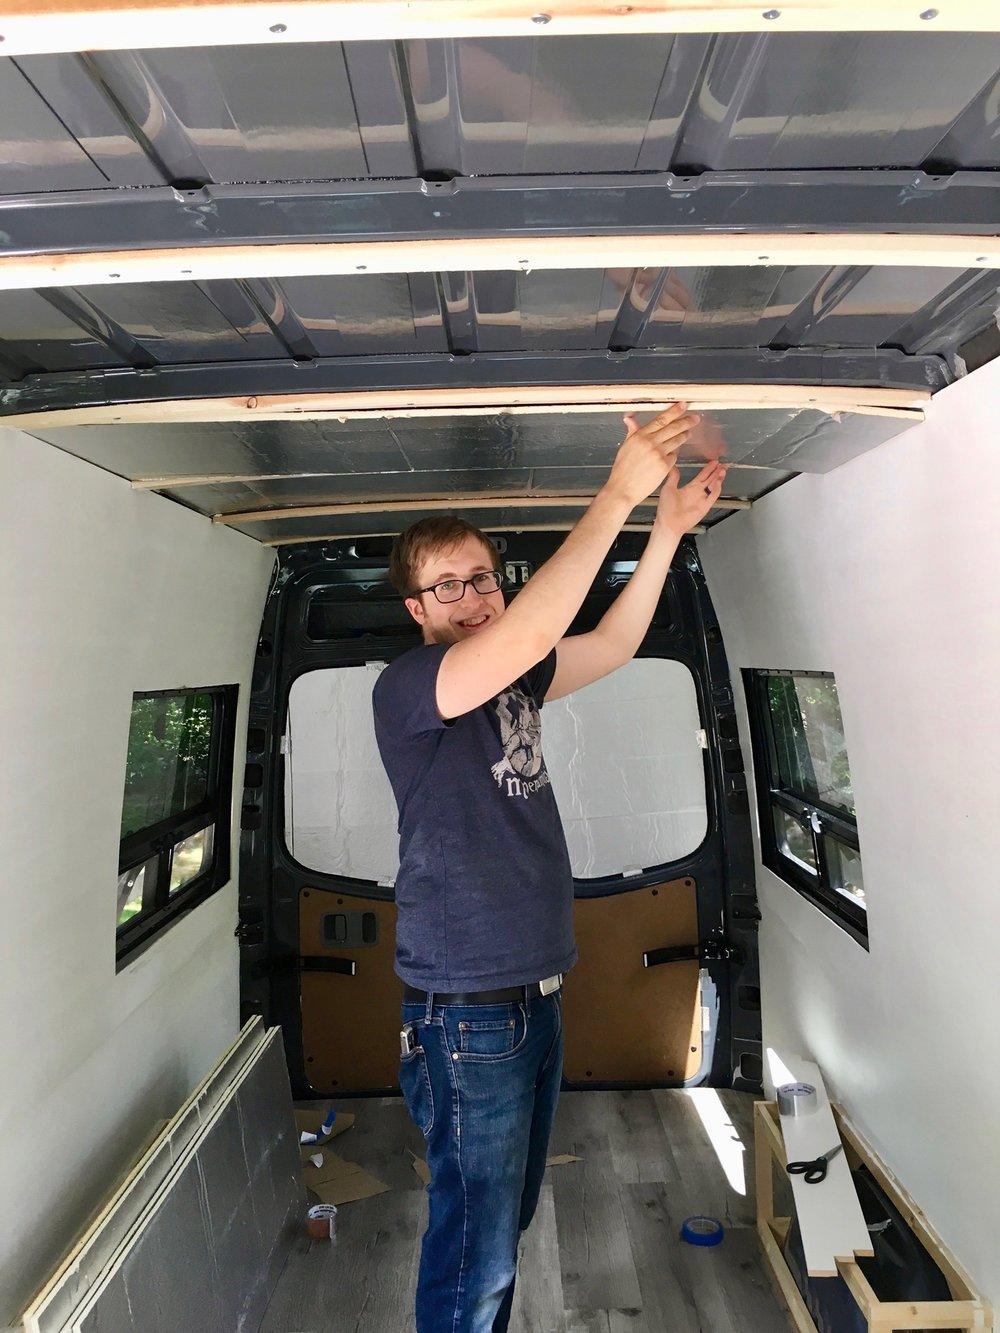 ben ceiling insulation.jpg